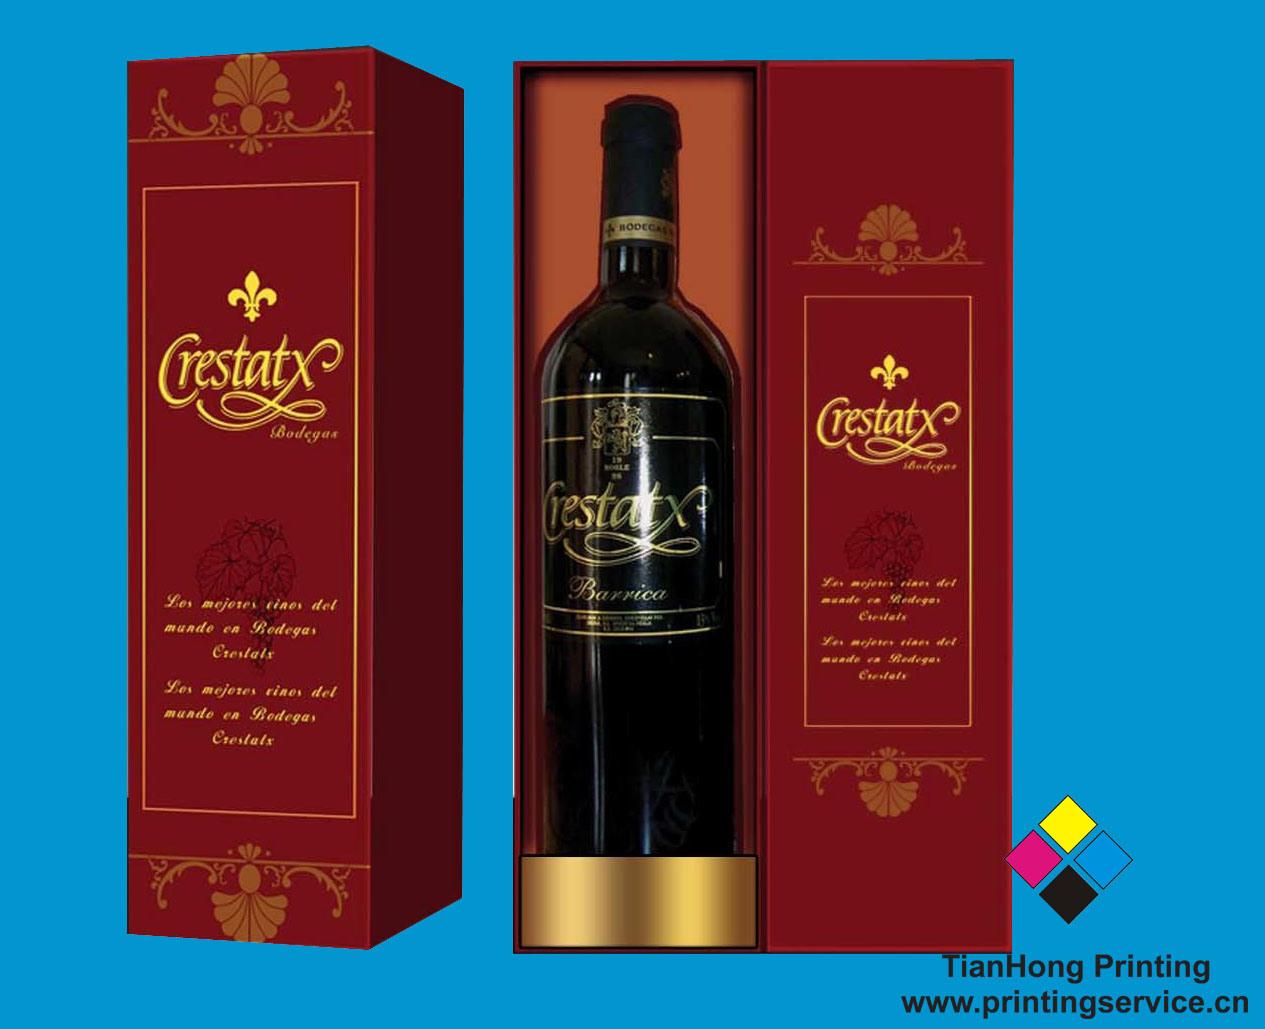 Vino cajas de embalaje de papel botella oem bx019 vino - Cajas de vino para decorar ...